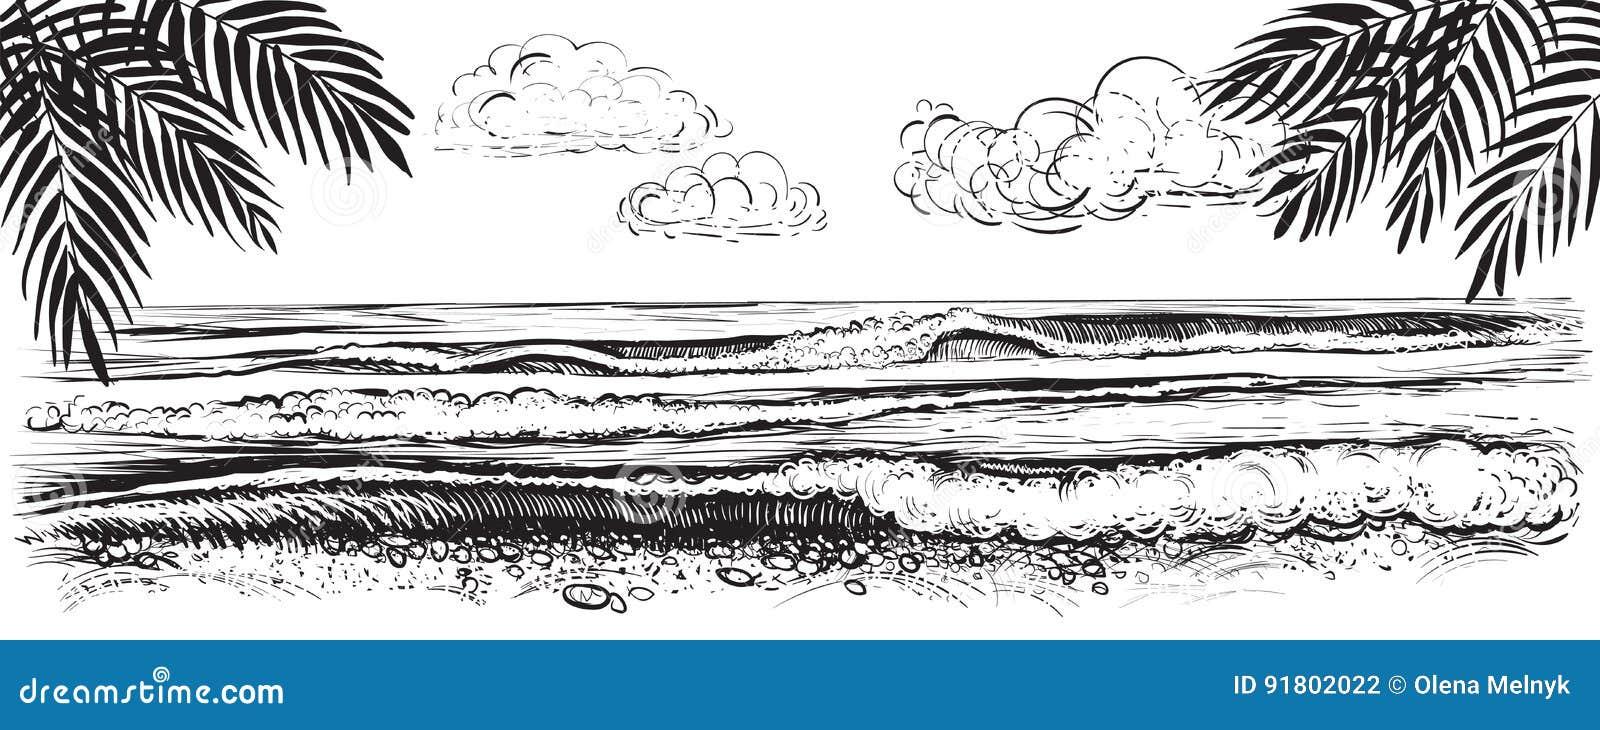 Opinión panorámica de la playa Ejemplo del vector de las ondas del océano o del mar Mano drenada